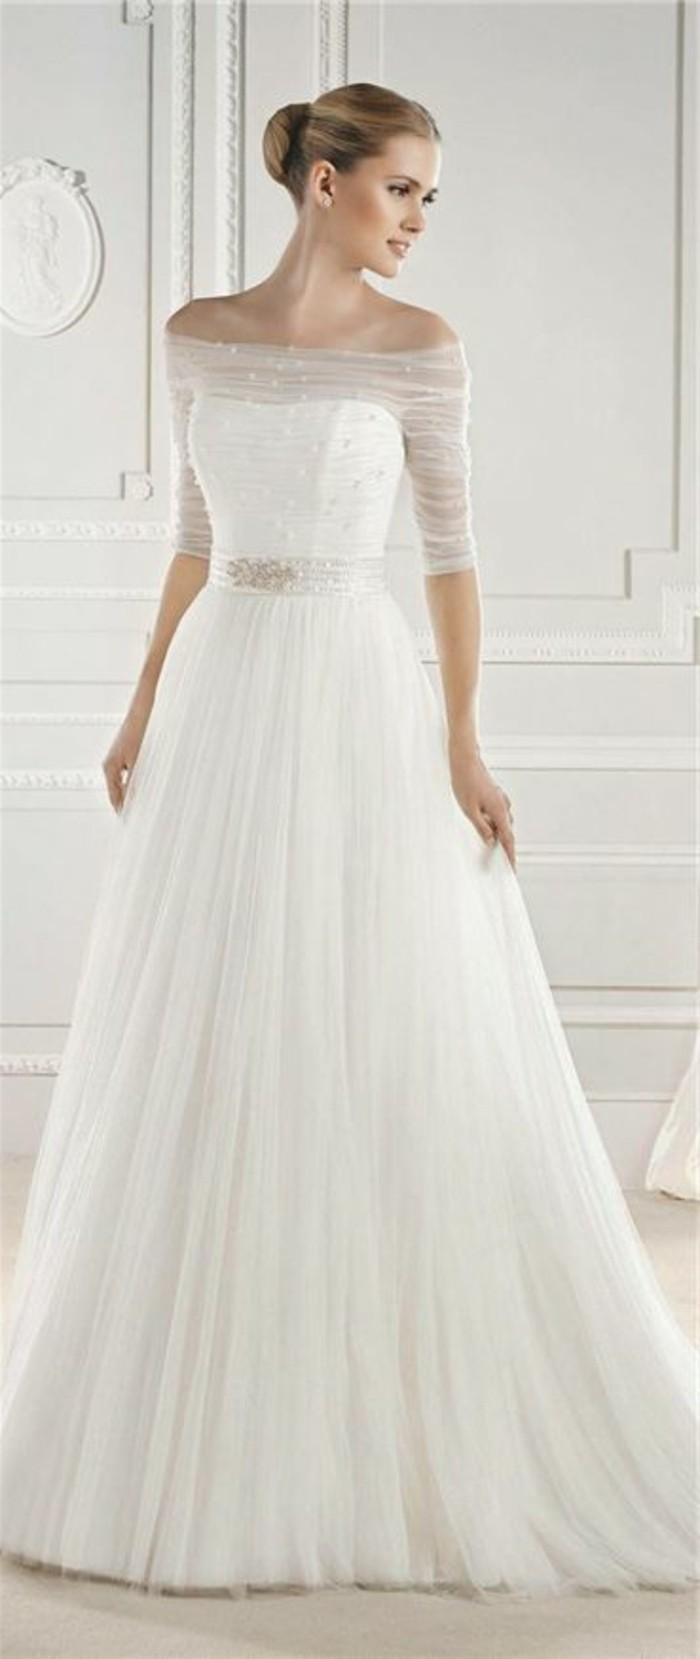 magnifique-robe-de-mariee-princesse-exquis-robe-mariee-courte-ou-longue